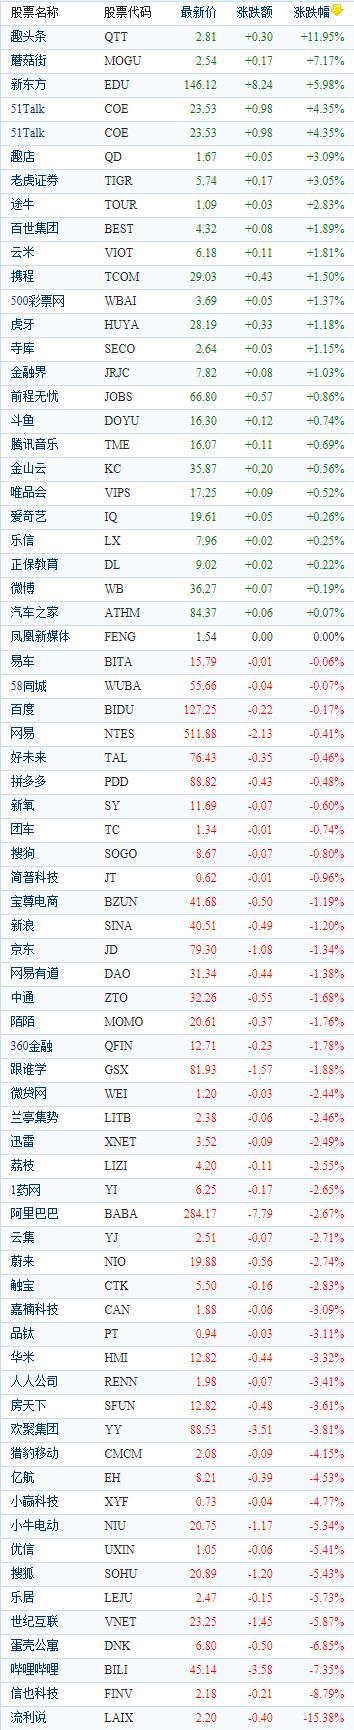 中国概念股周四收盘涨跌互现 趣头条大涨近12%